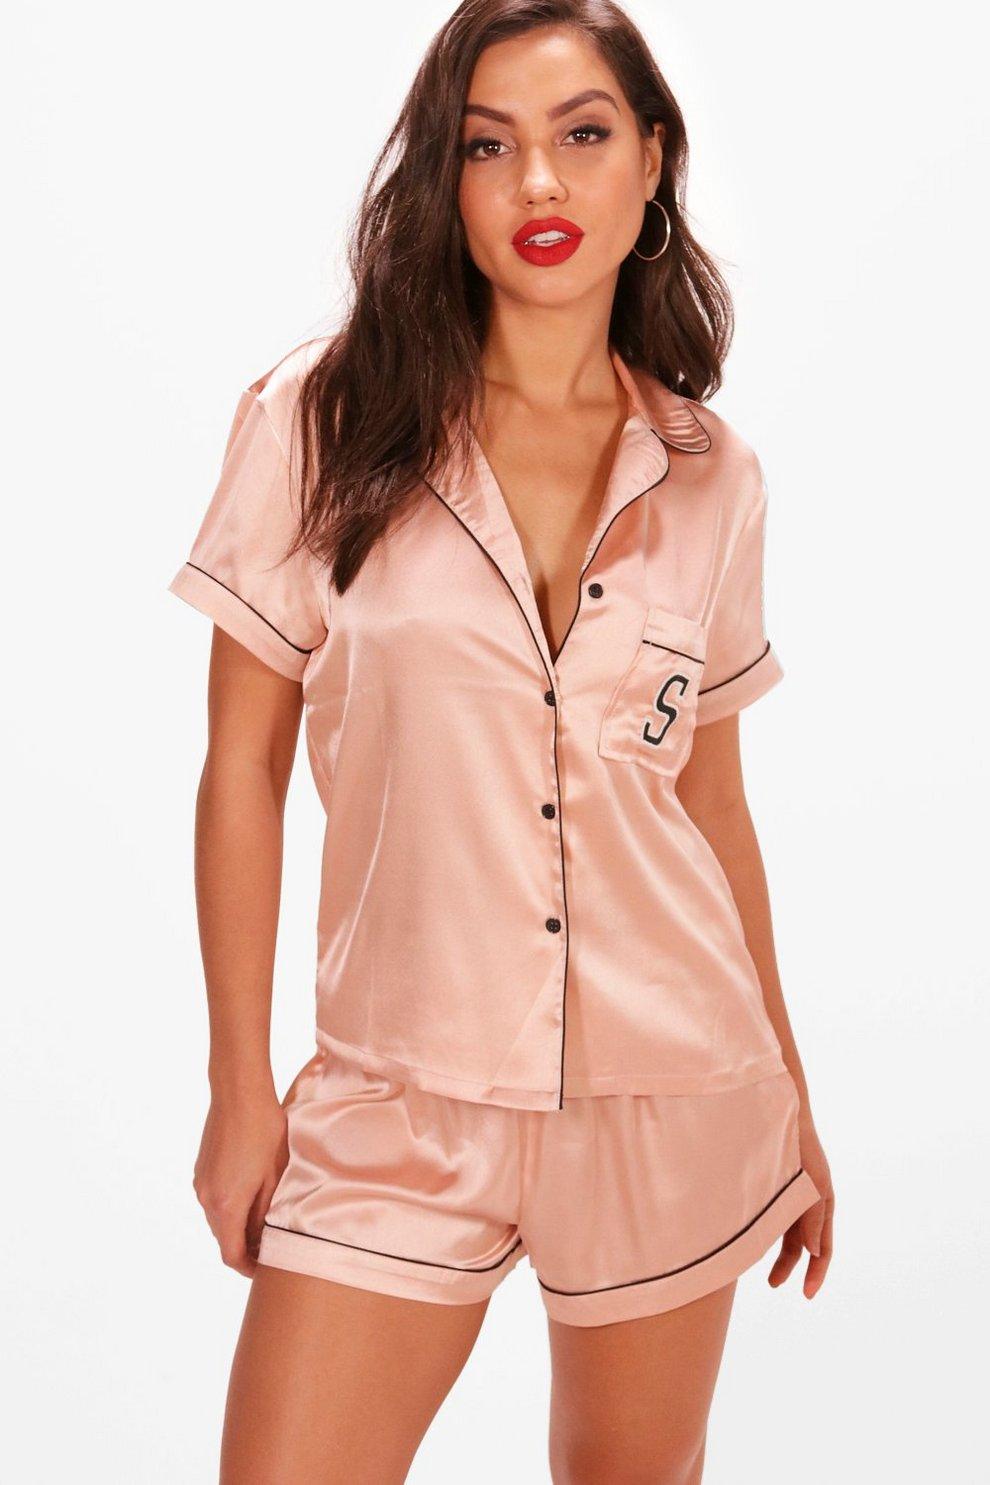 Summer  S  Embroidery Satin Shirt   Short Set  2b3d4a948